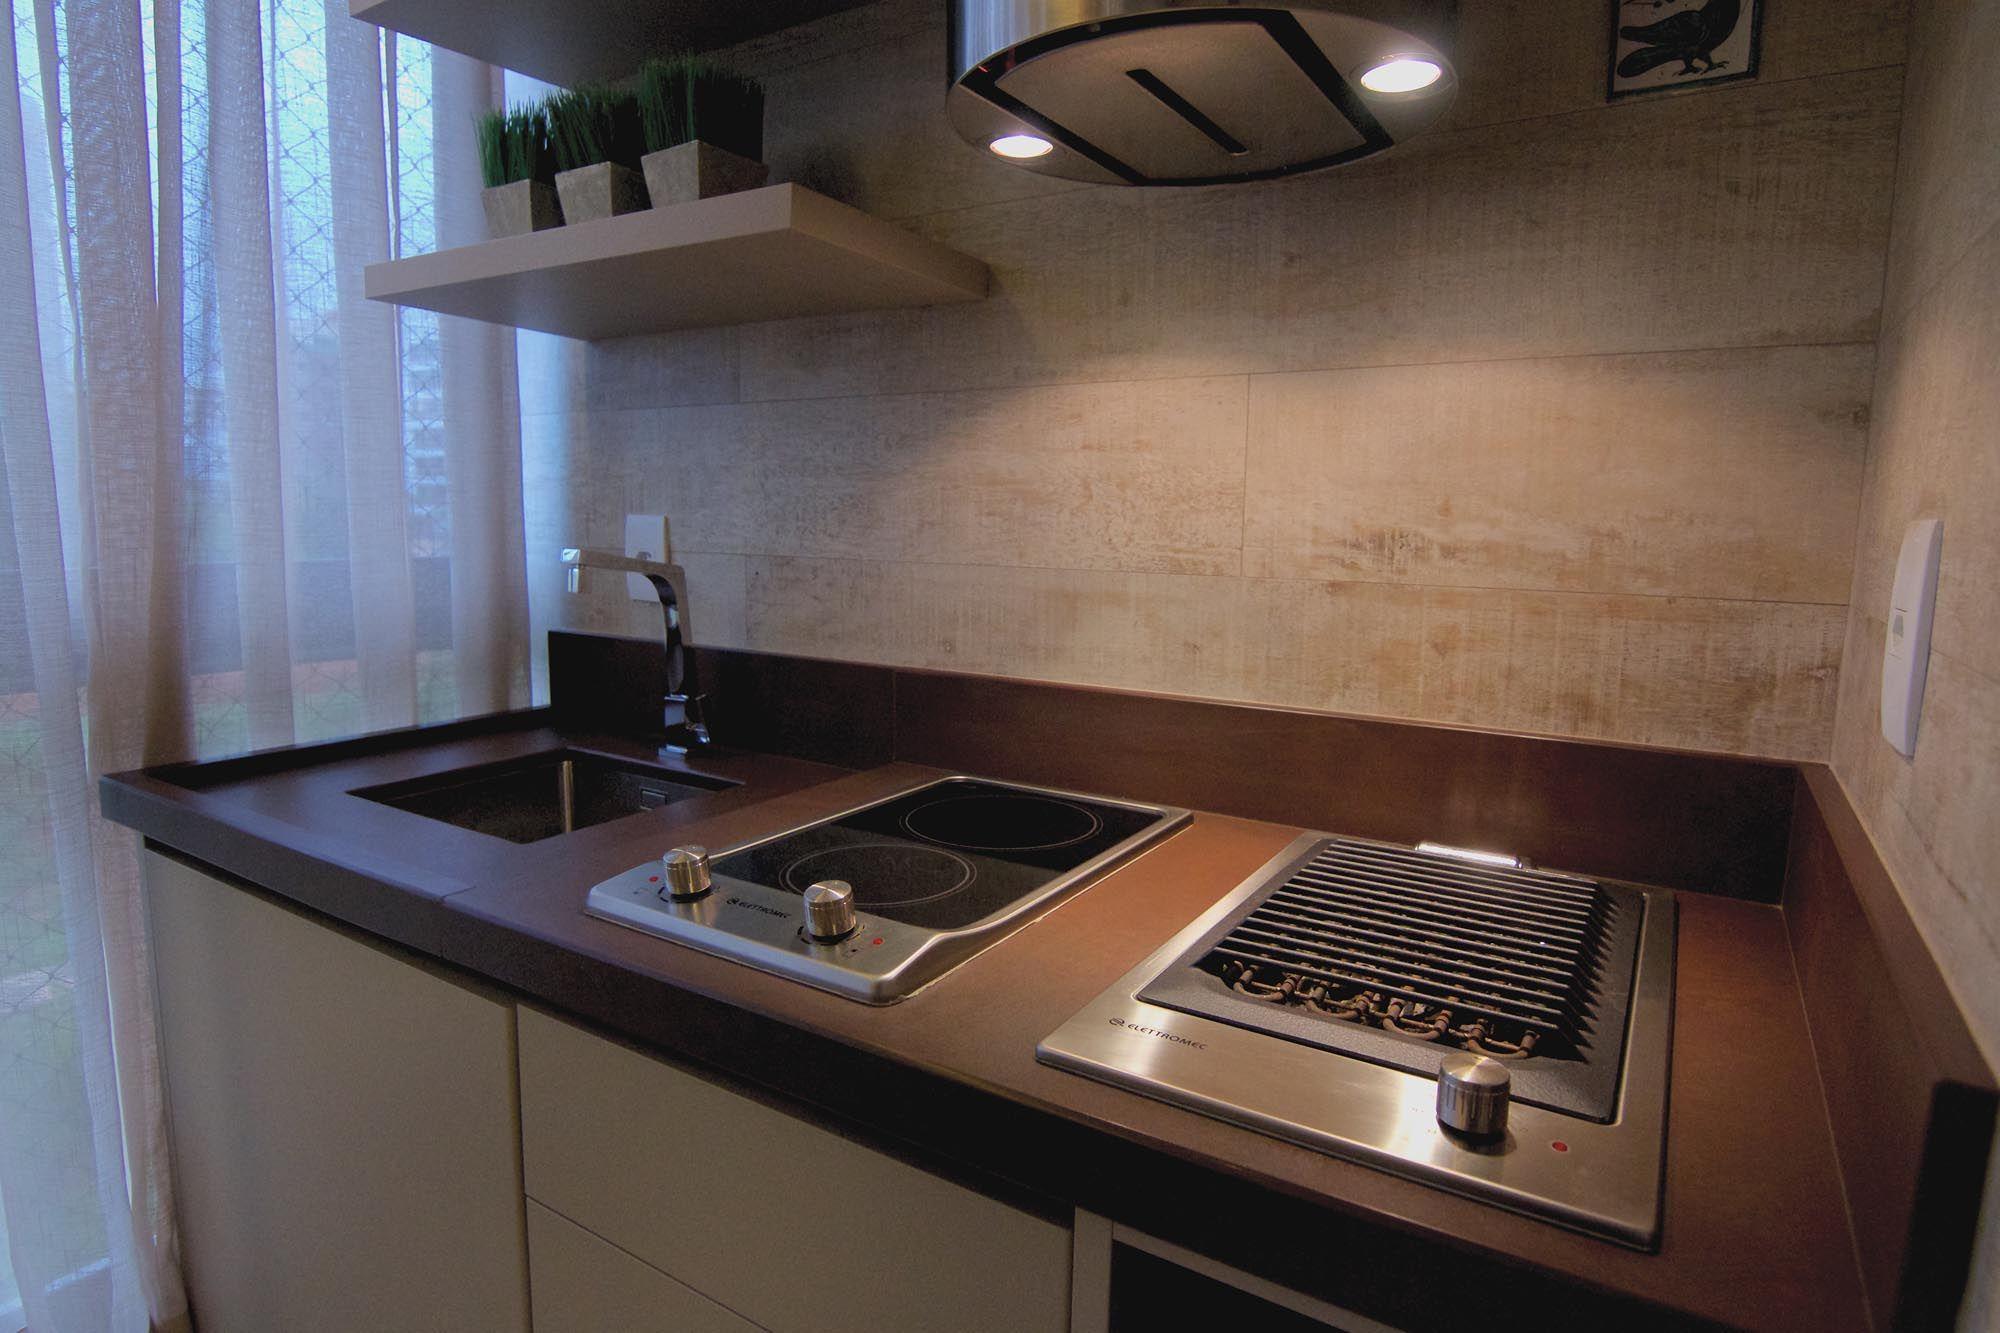 Cozinha com bancada pequena.